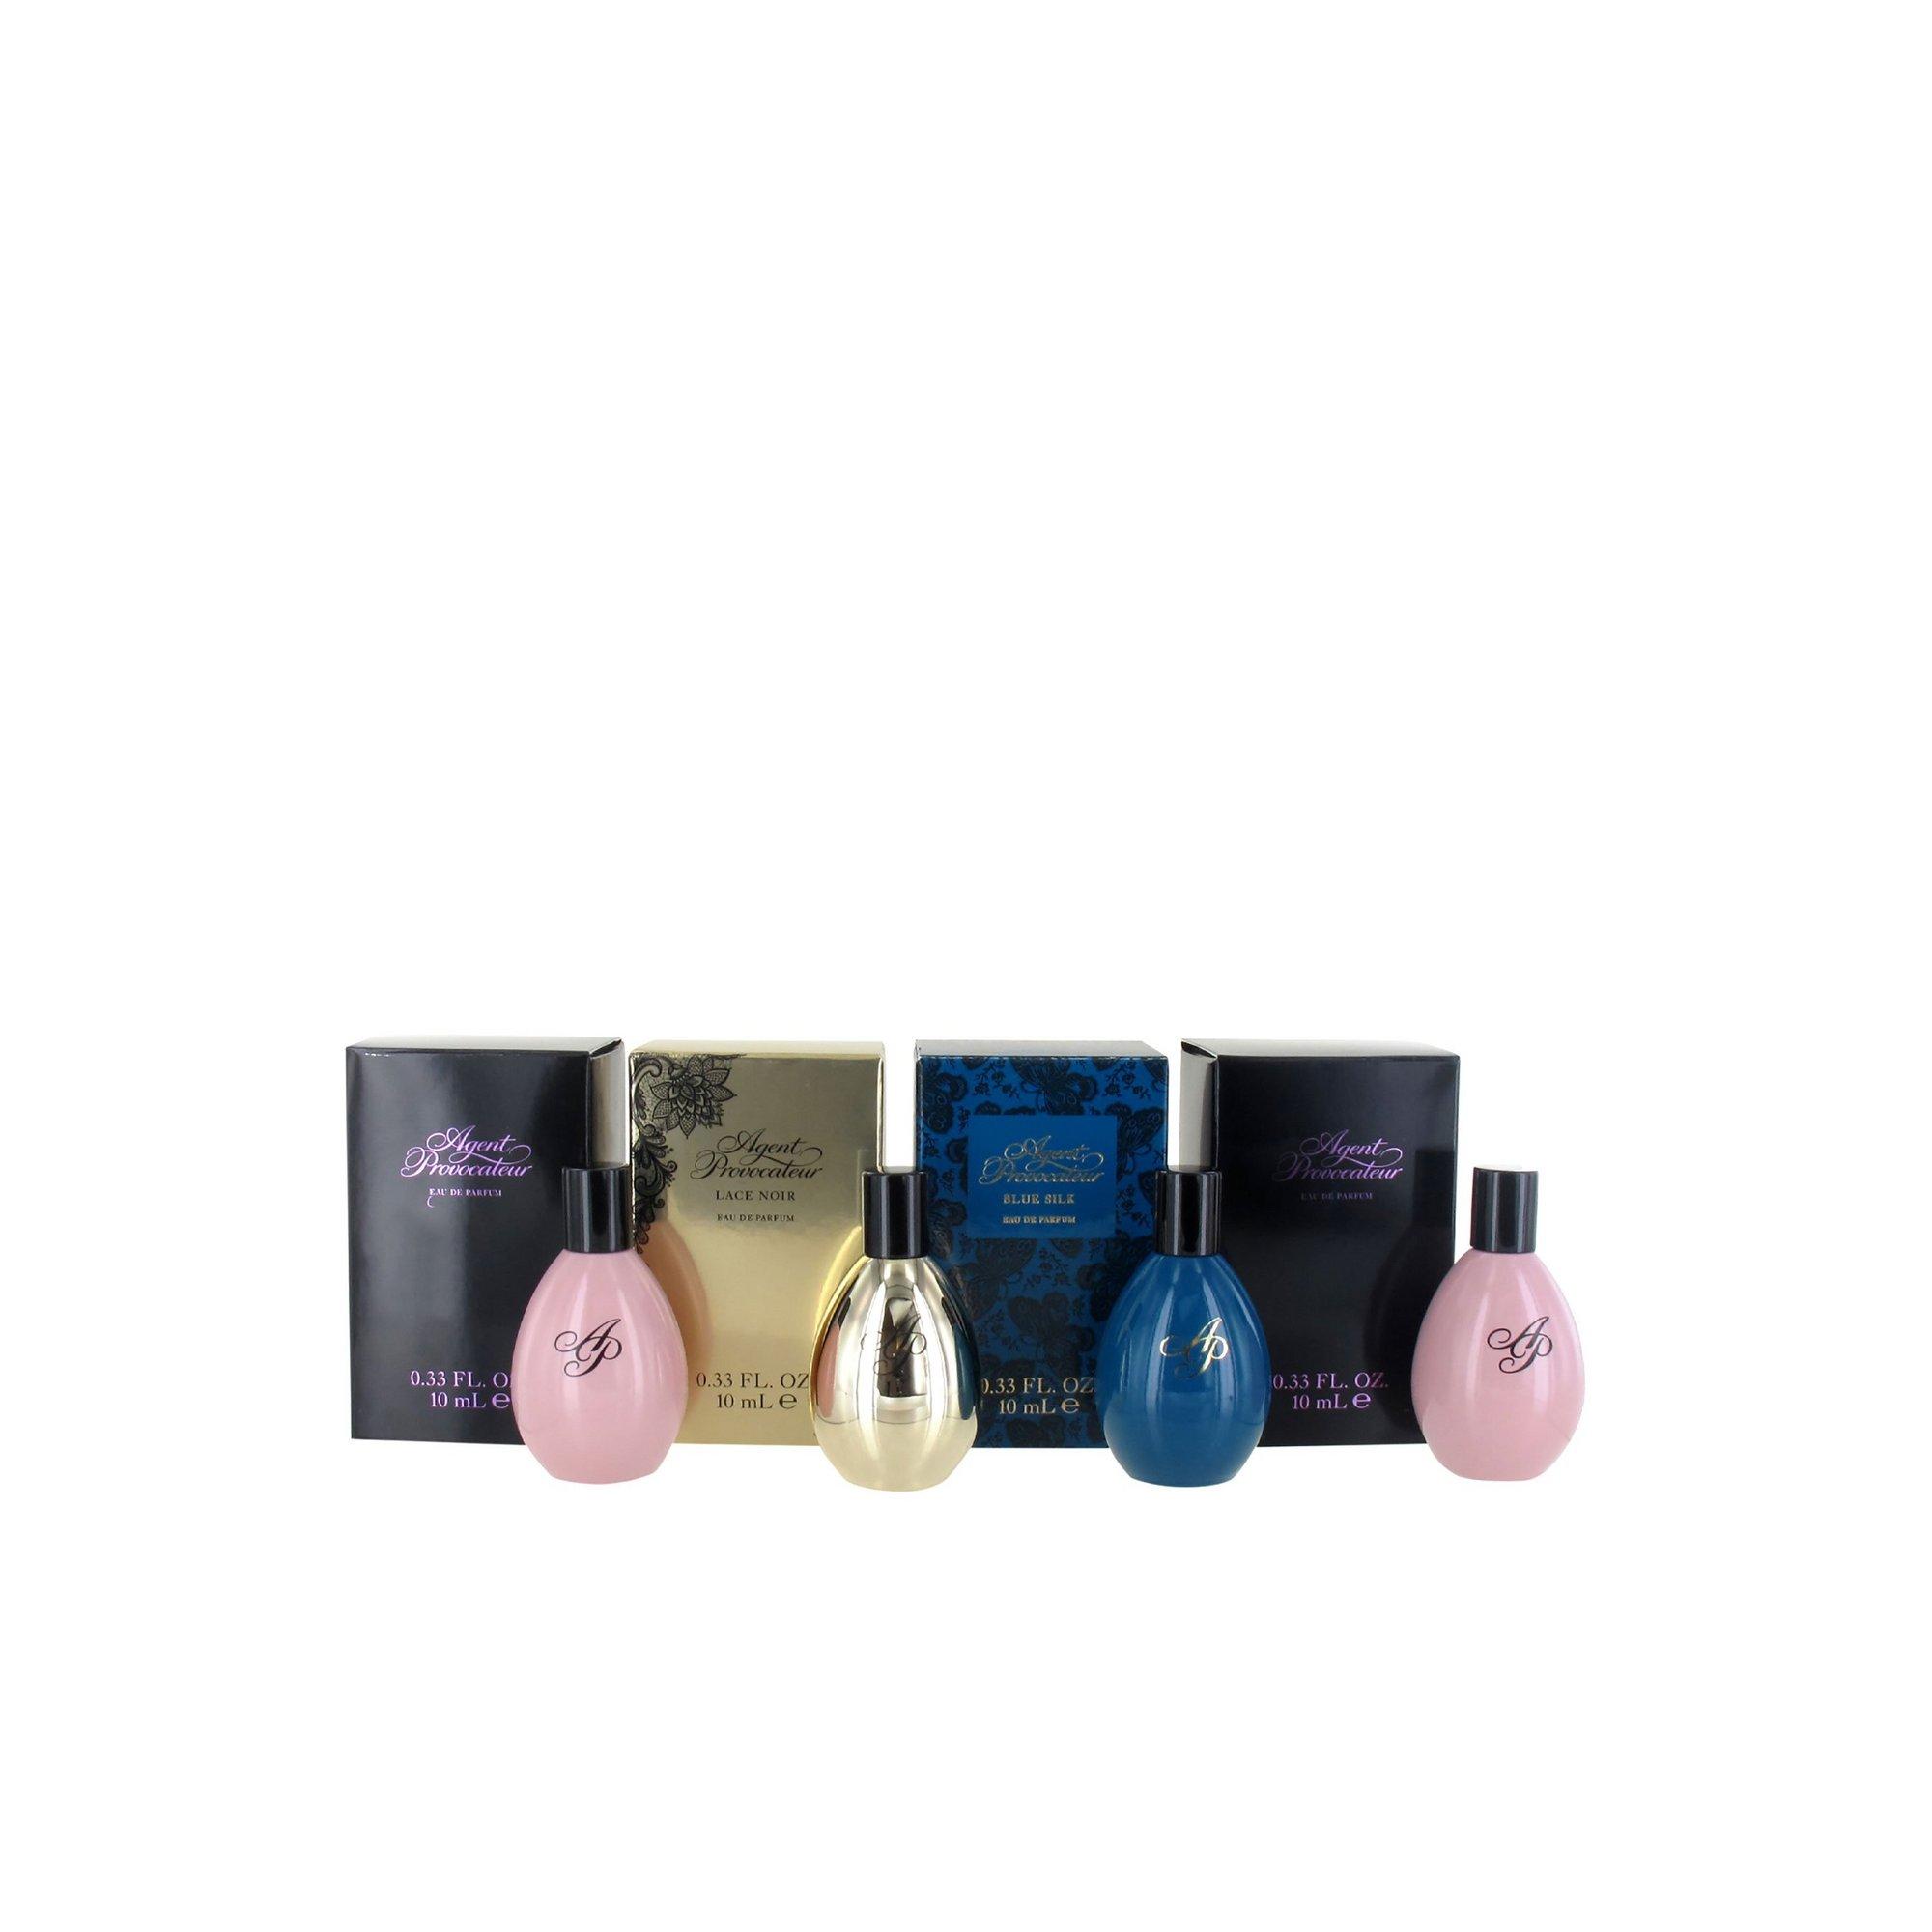 Image of Agent Provocateur Miniature 10ml Eau De Parfum Fragrance Gift Set